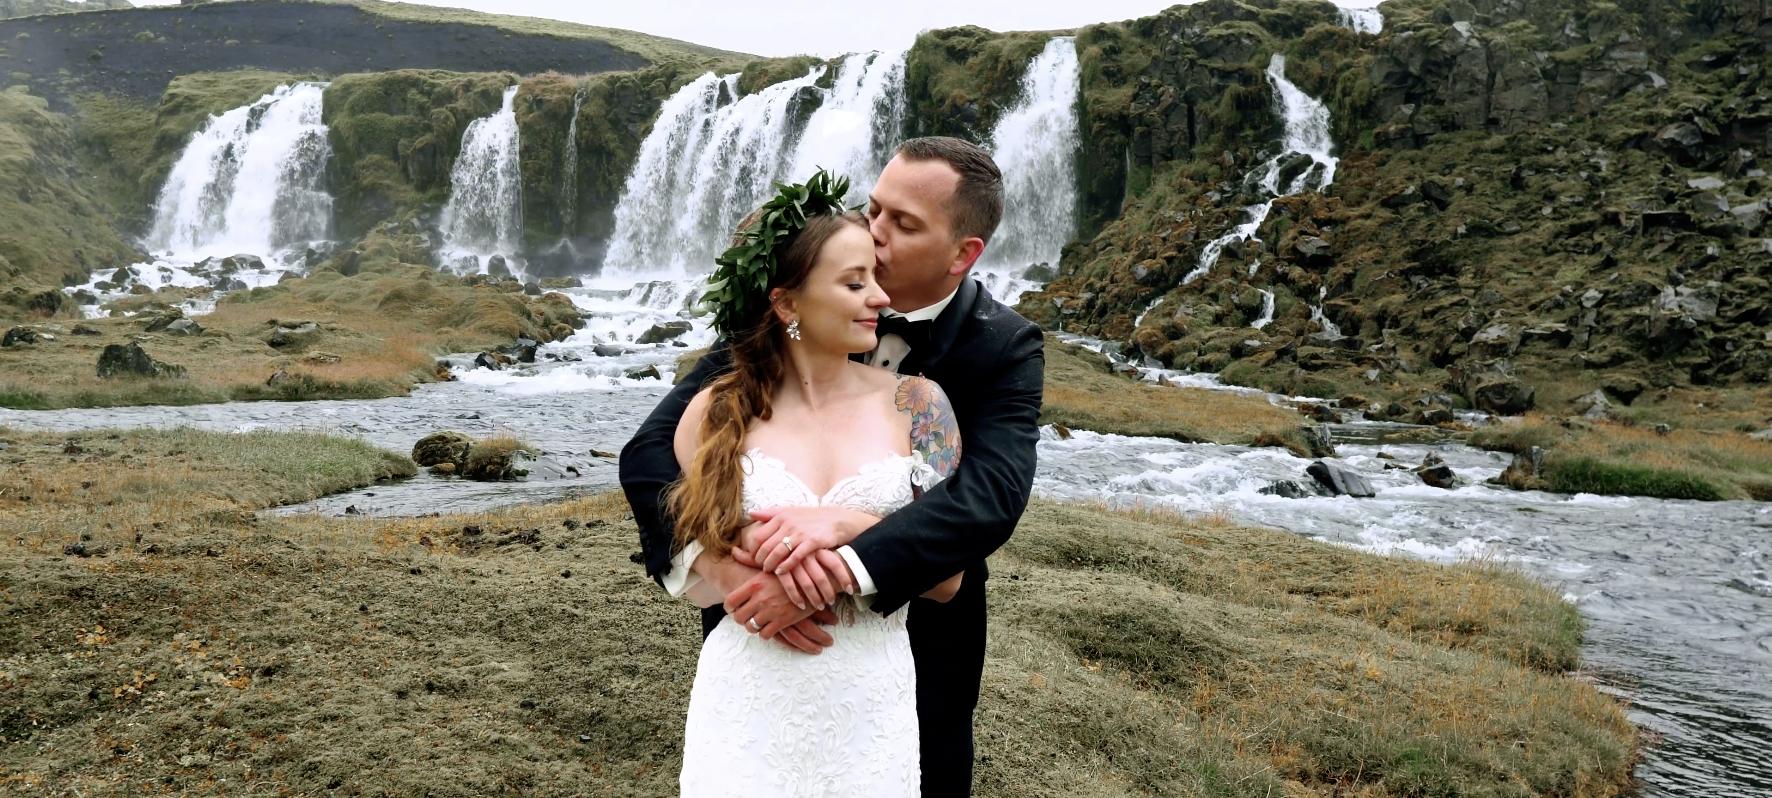 Michaela + Caleb | Iceland, Iceland | Iceland